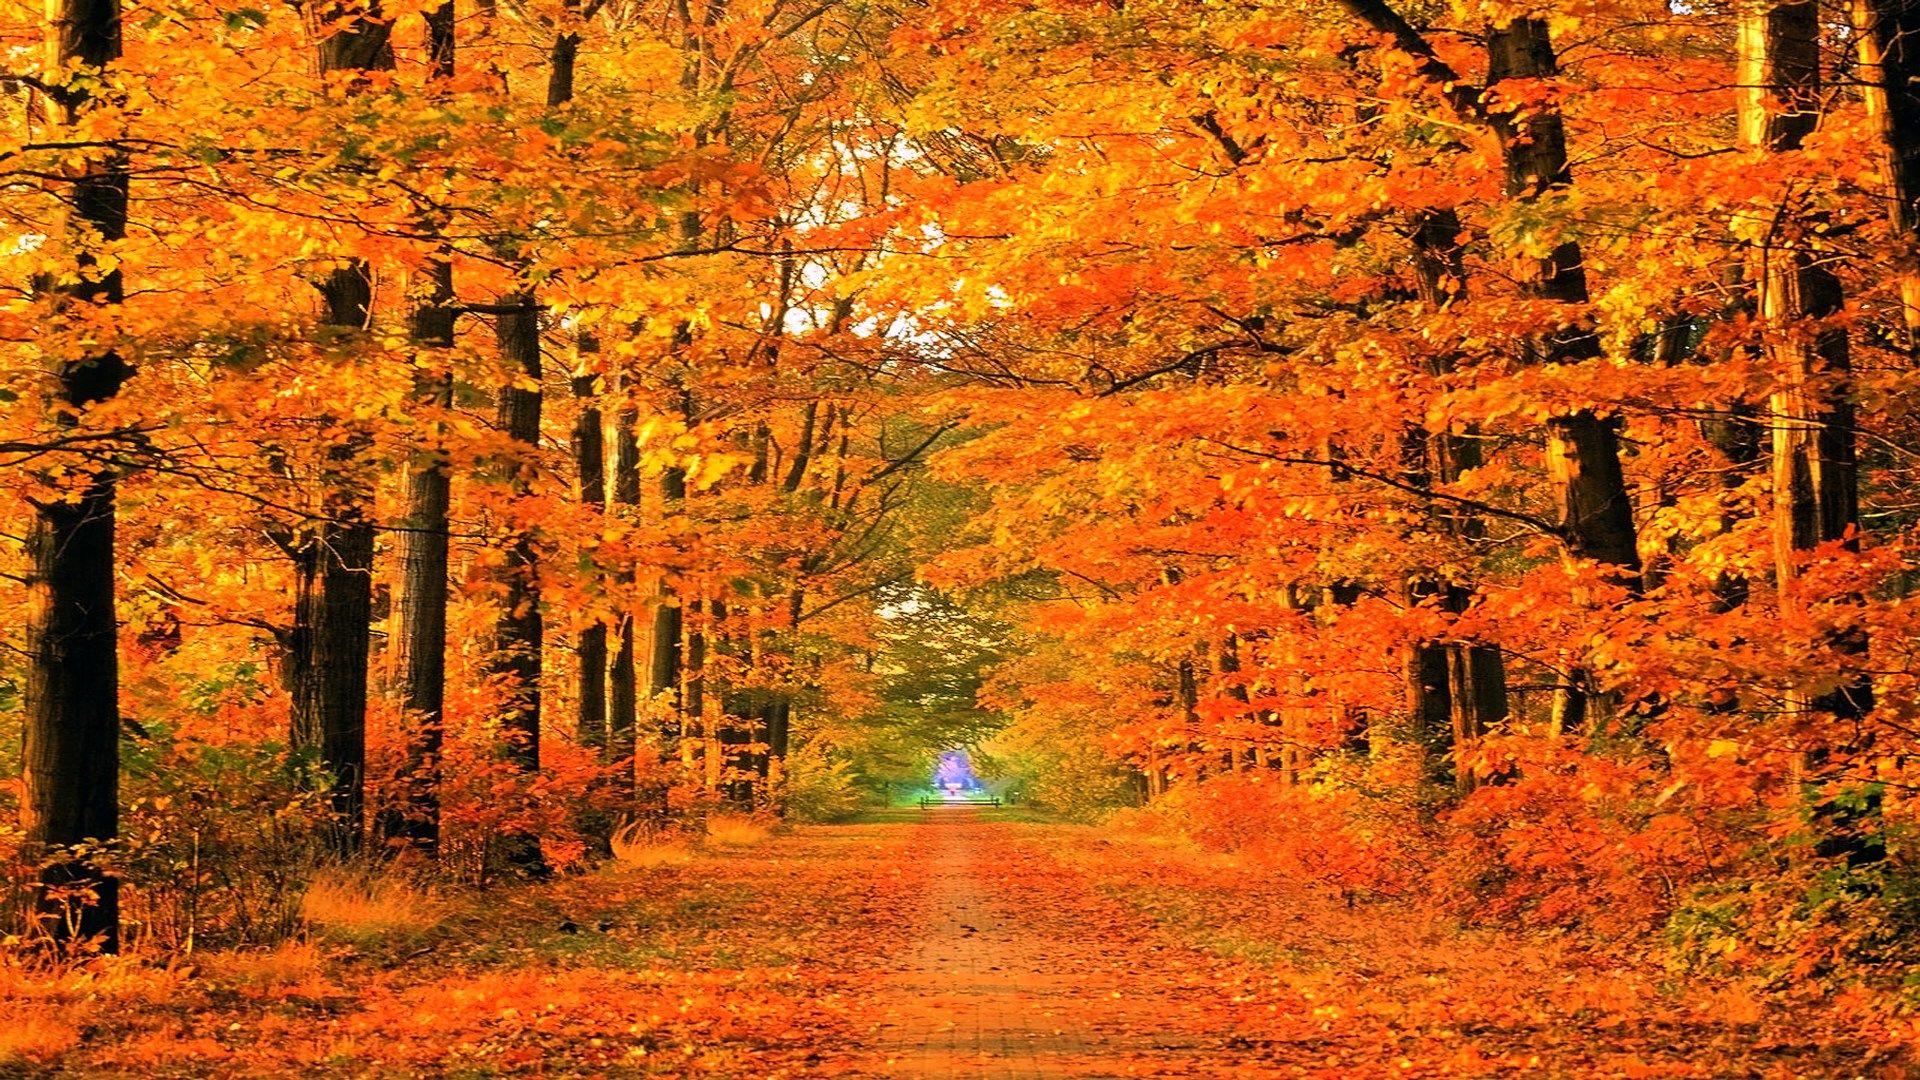 kendall robin fall autumn picture desktop nexus wallpaper 1920 x 1080 px